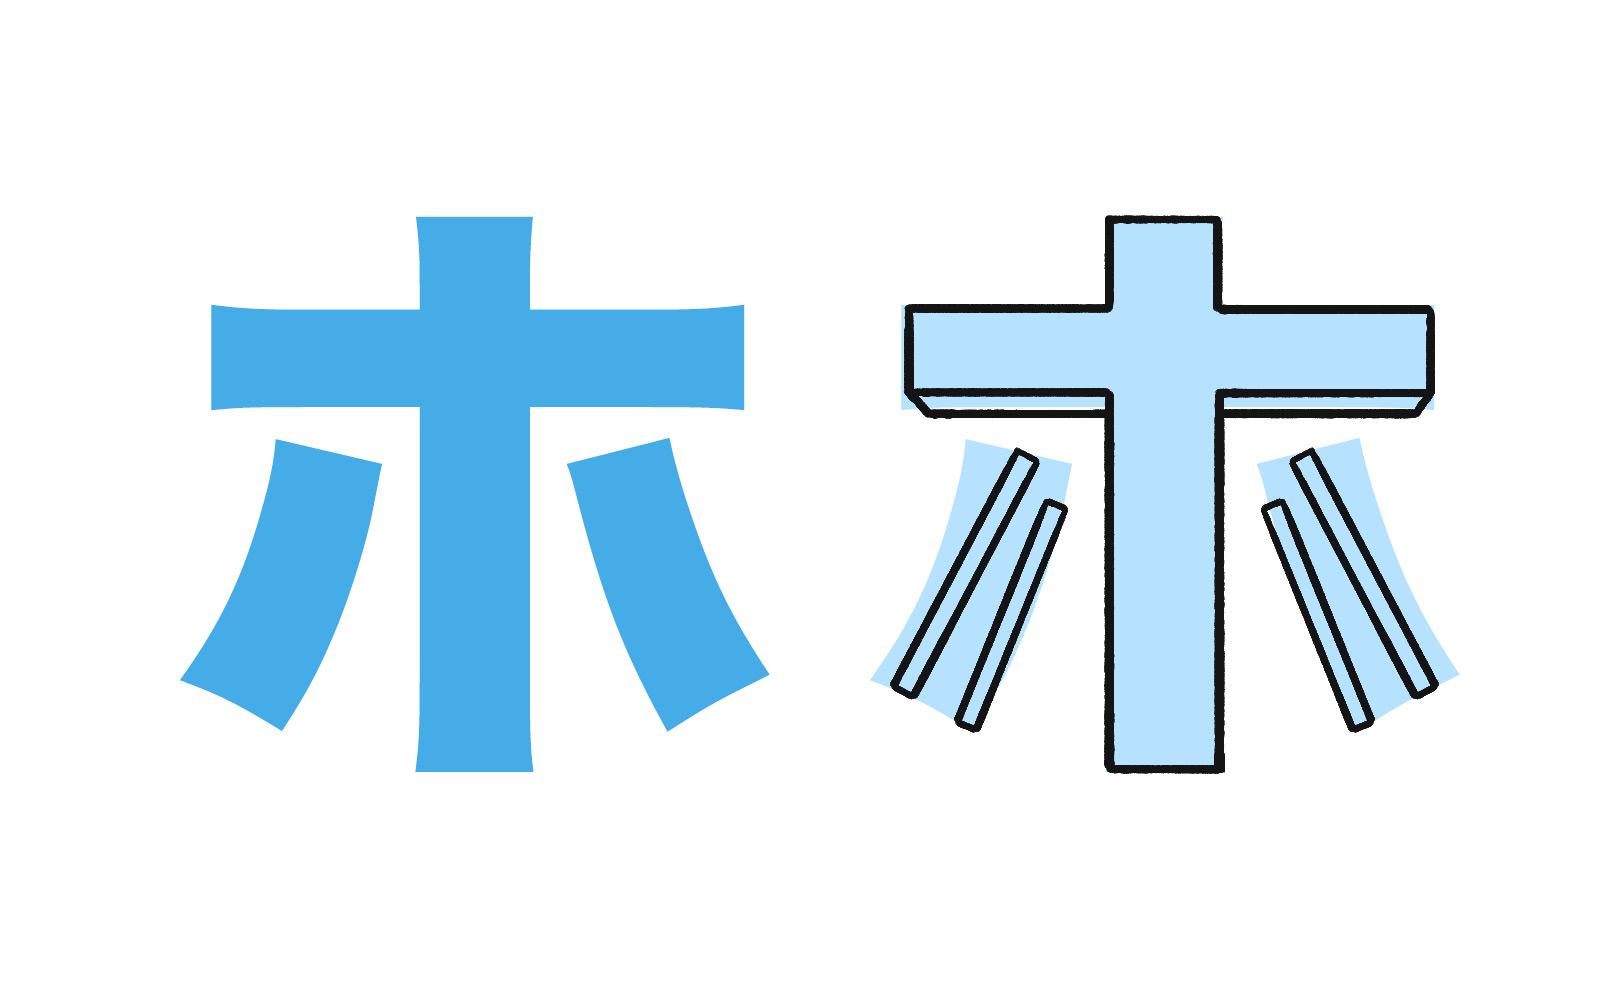 Katakana character ホ mnemonic